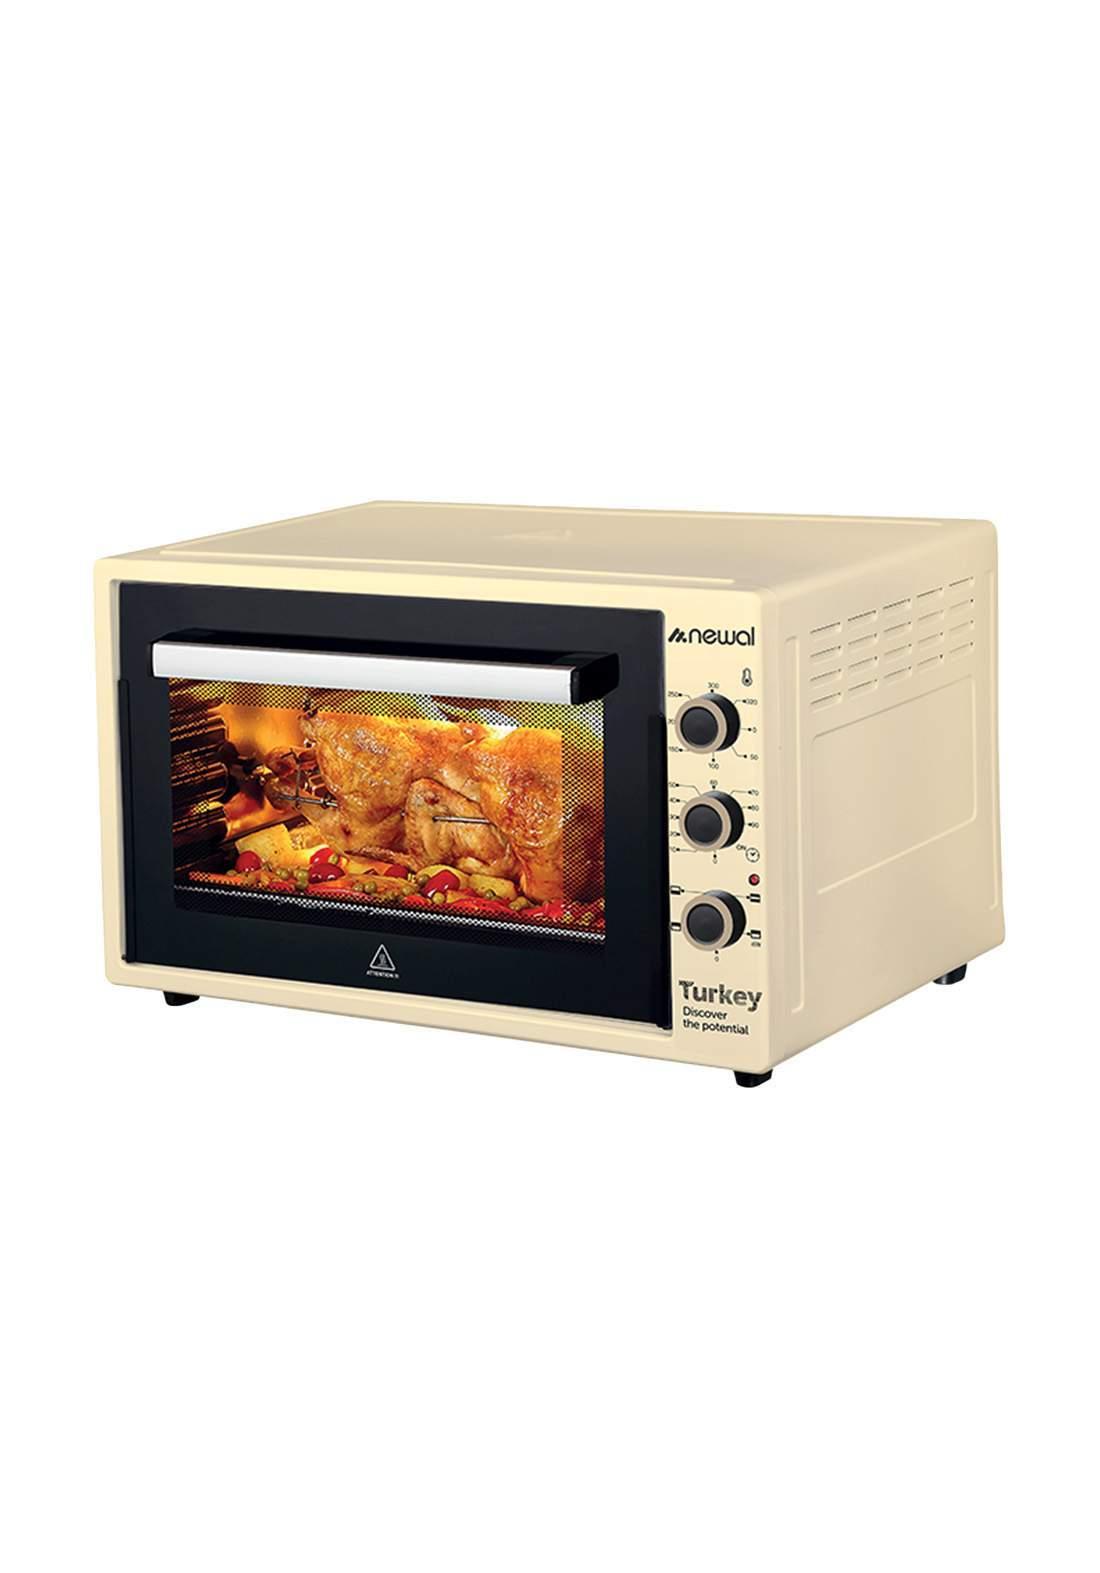 Newal Mini Oven 60L MOV-675-04 - Beige فرن كهربائي